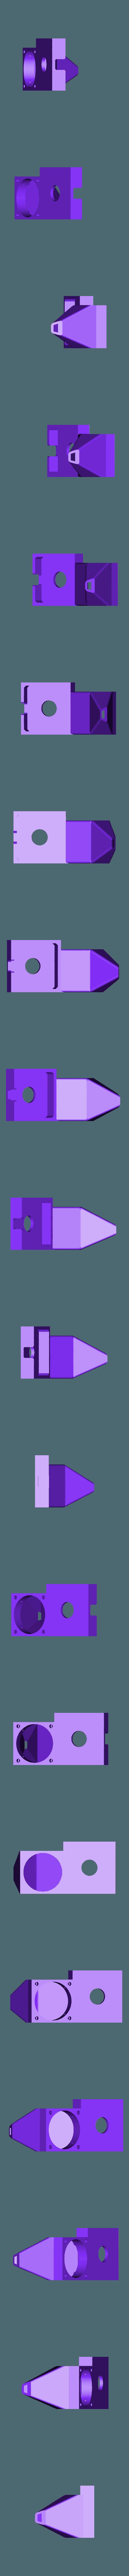 Fan_Support.stl Télécharger fichier STL gratuit X chariot pour imprimante OB1.4 / Câblé1 • Design pour impression 3D, volpiclaudio